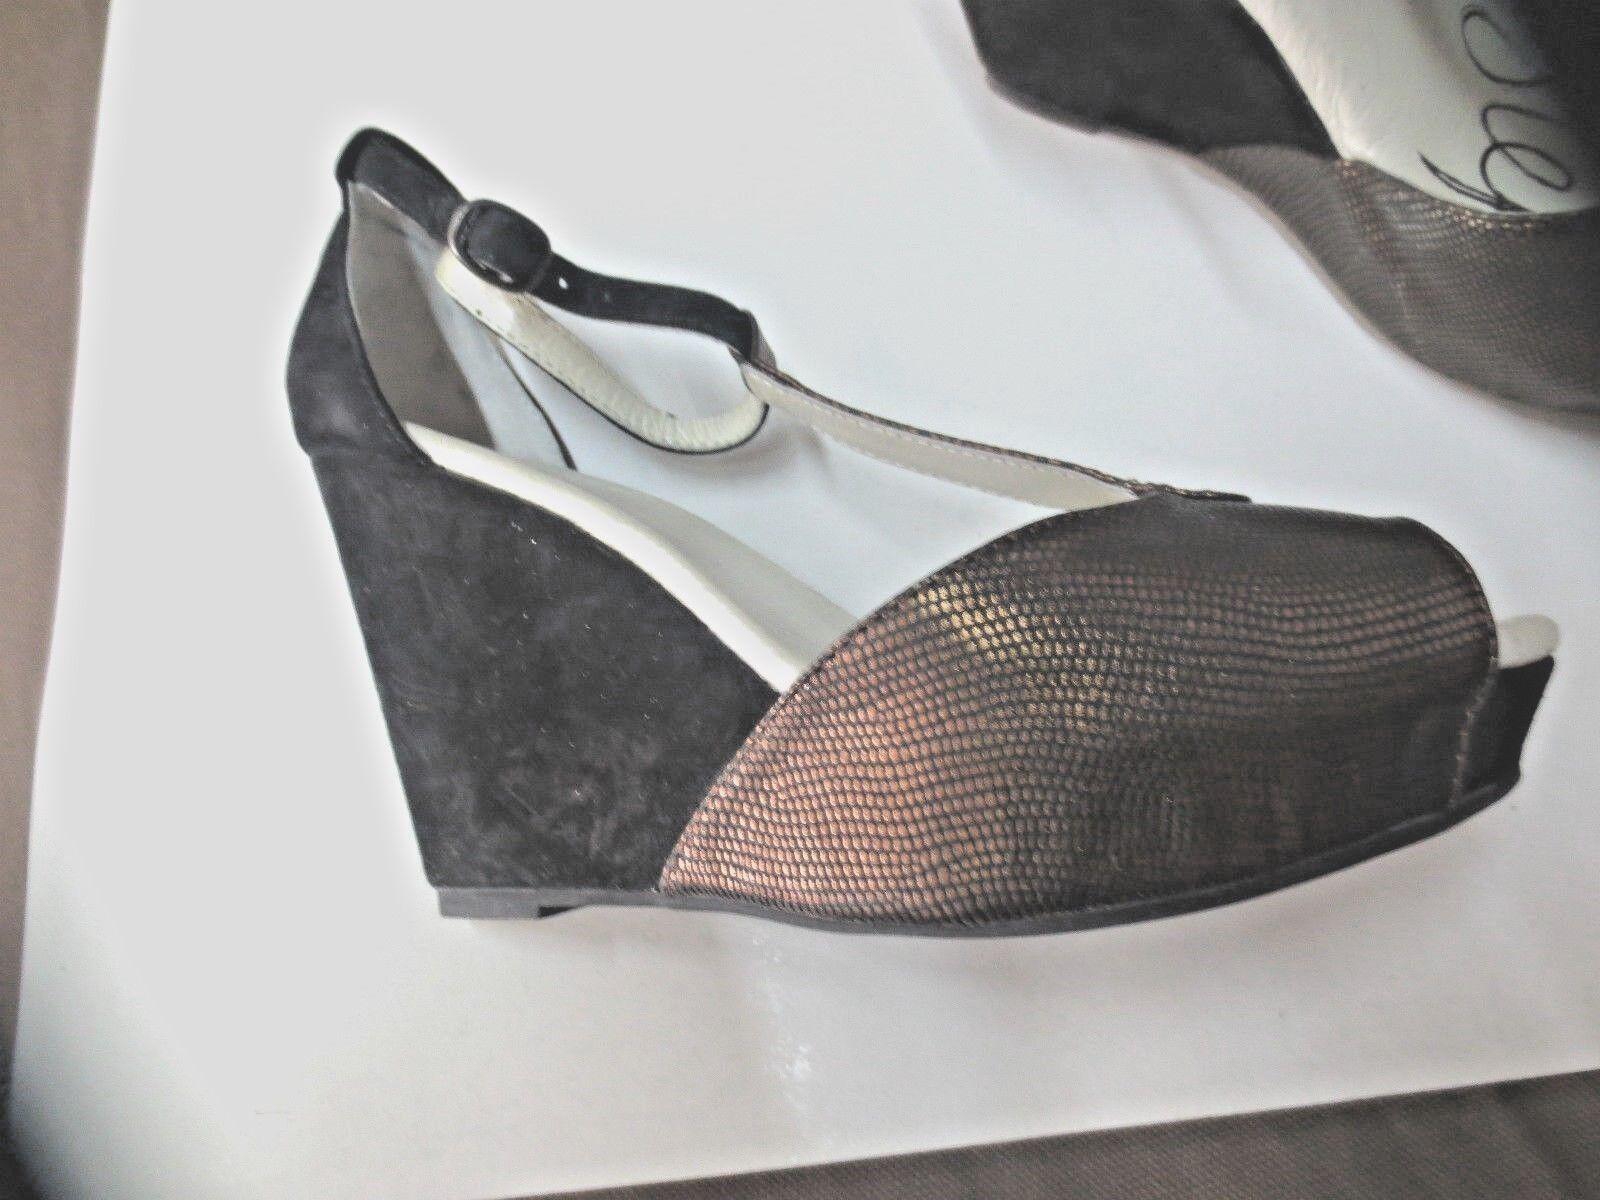 One step sandale compensée NEUVE 9cm plato 3cm cuir NEUVE compensée Valeur 149E Point 36,37,39 63c172